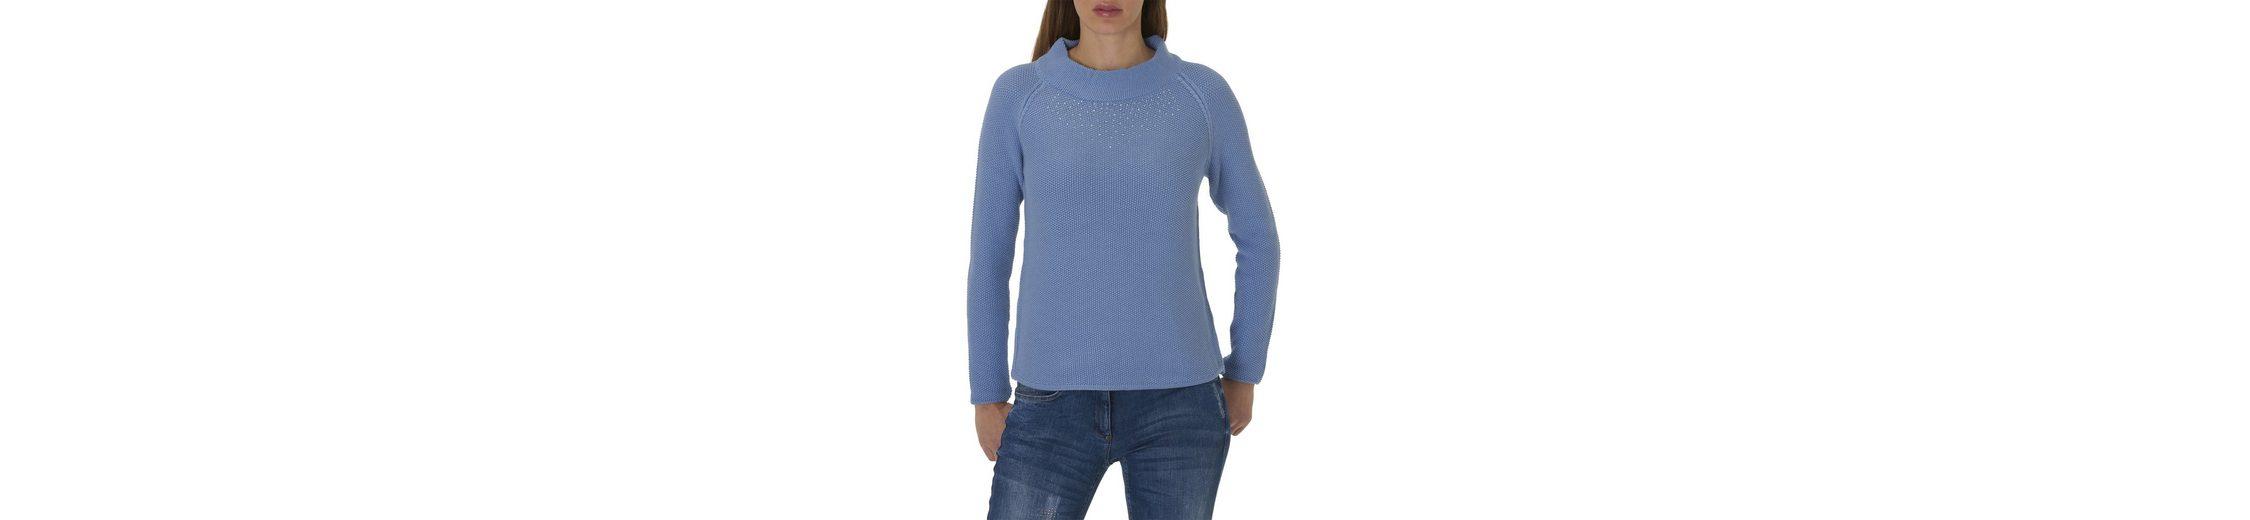 Wiki Online Shopping-Spielraum Online Betty Barclay Strickpullover mit Stehkragen Unter 70 Dollar bcb7c9QOyQ